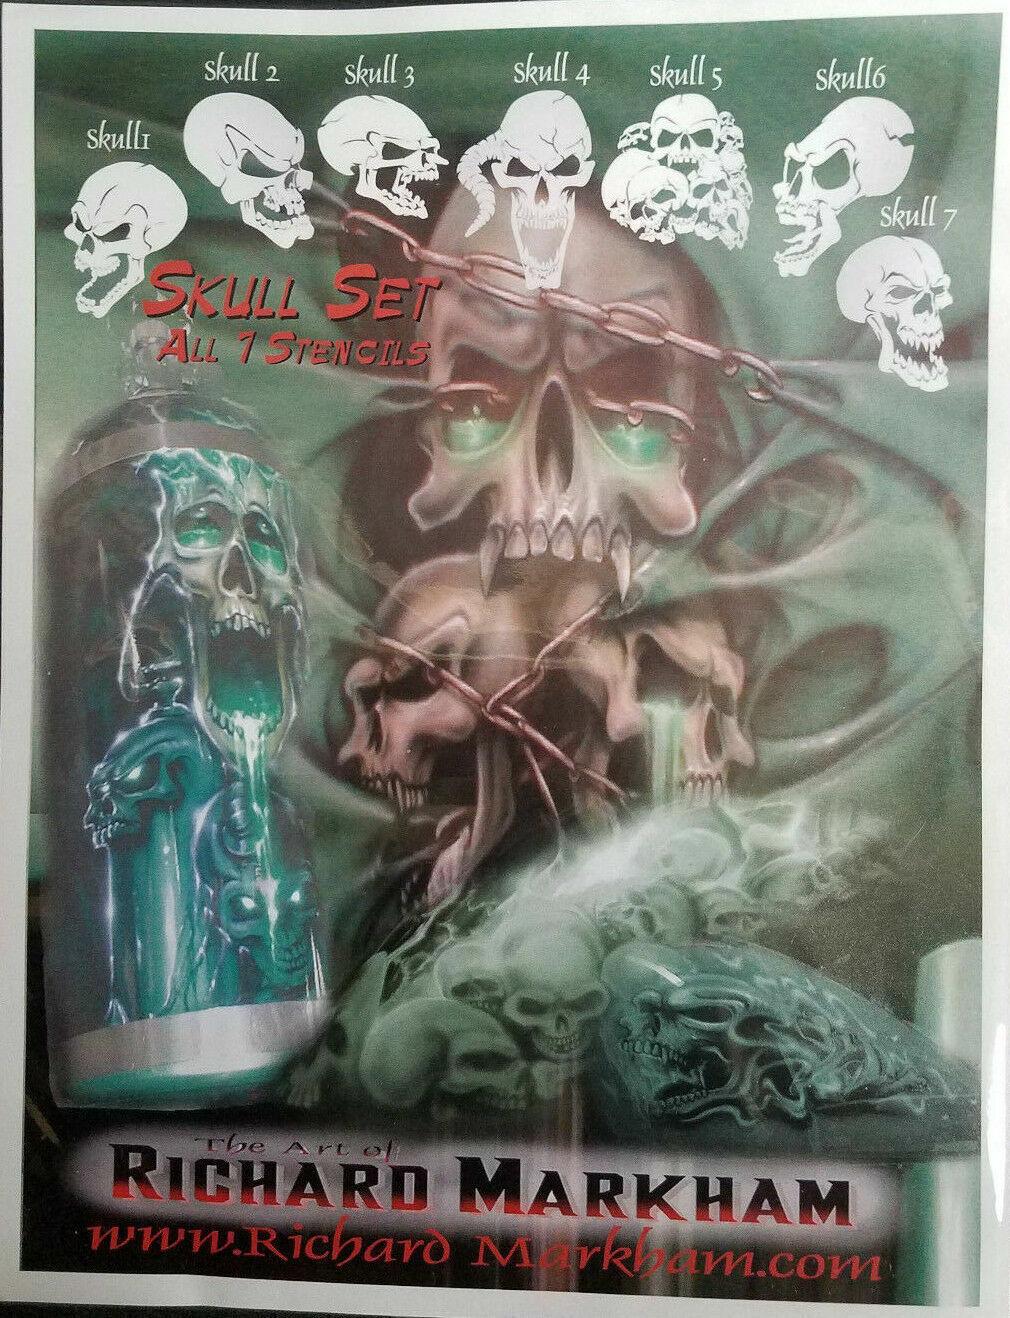 Richard Markham Skull Stencil Set -Airbrush Stencils 7 Piece Set #4841-00 Crafts